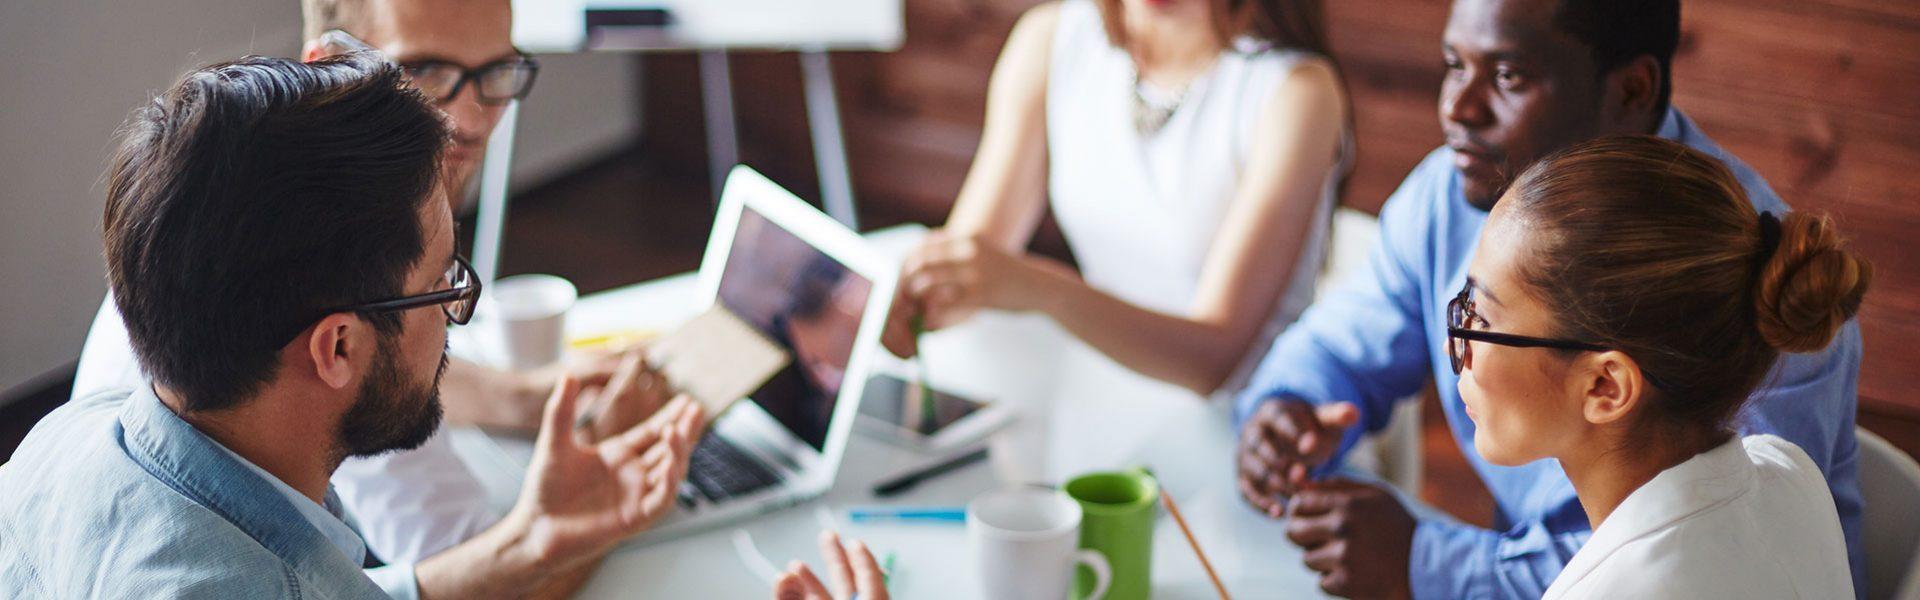 Online PR wird immer wichtiger. In kleinen Seminargruppen lernen Sie alles, was Sie für diesen Bereich benötigen.